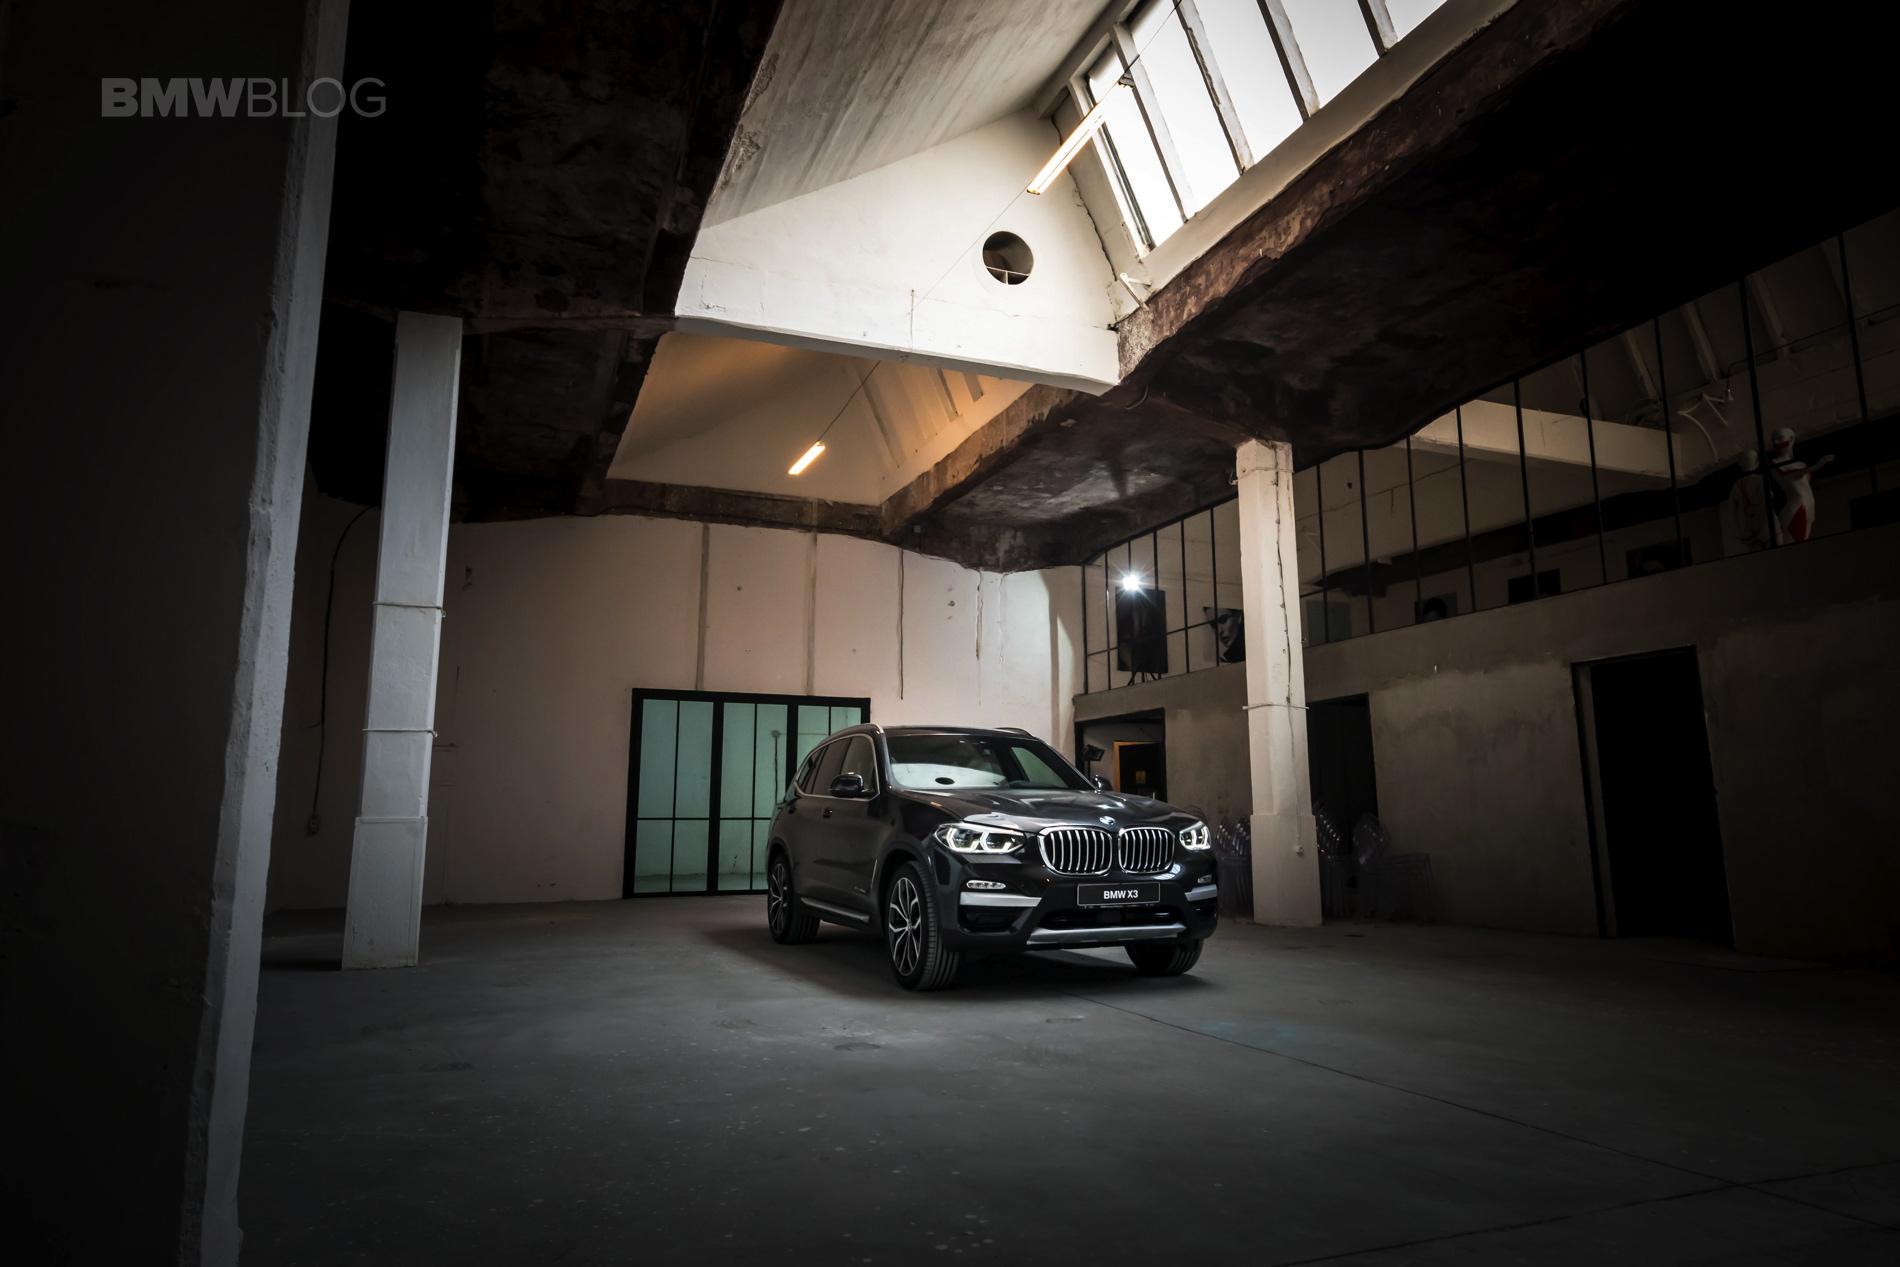 2017 BMW X3 xDrive20d test drive review 25